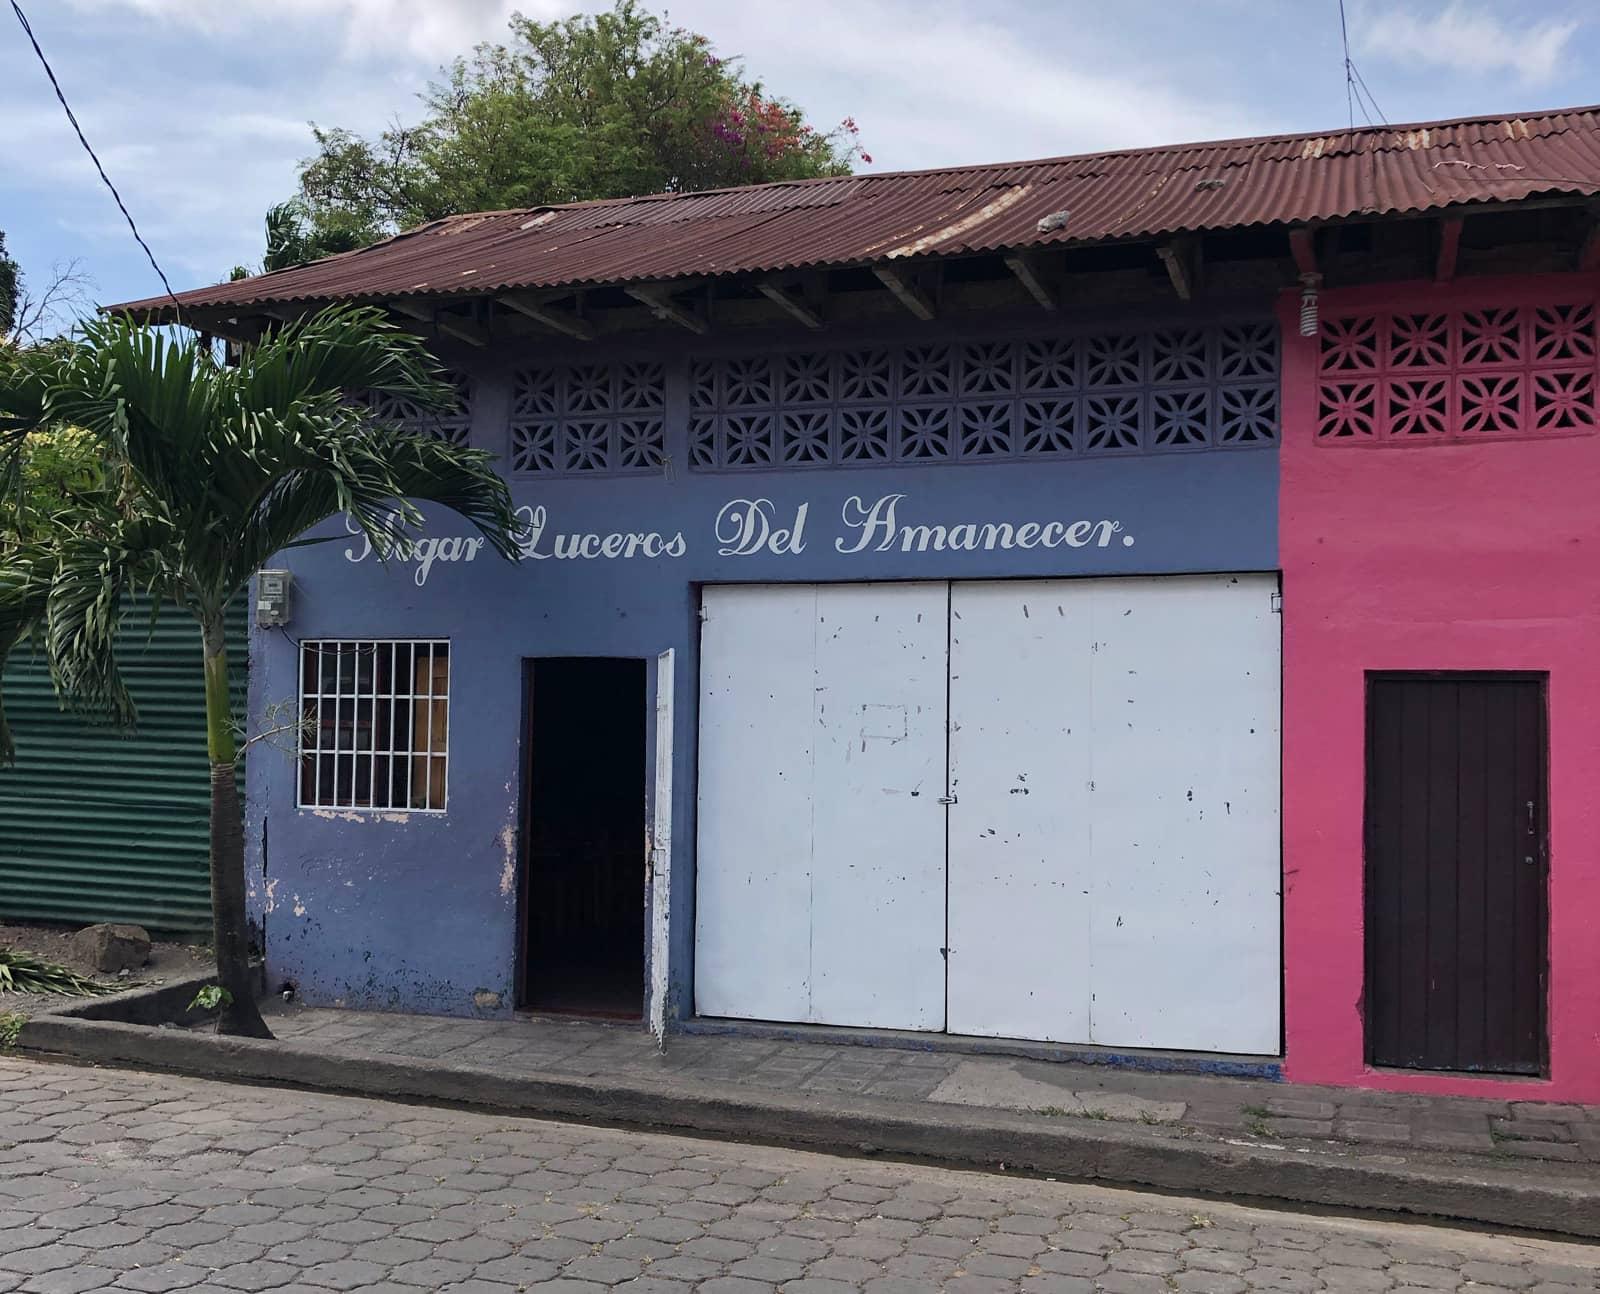 Voluntariado Nicaragua - Fachada Hogar Luceros del Amanecer